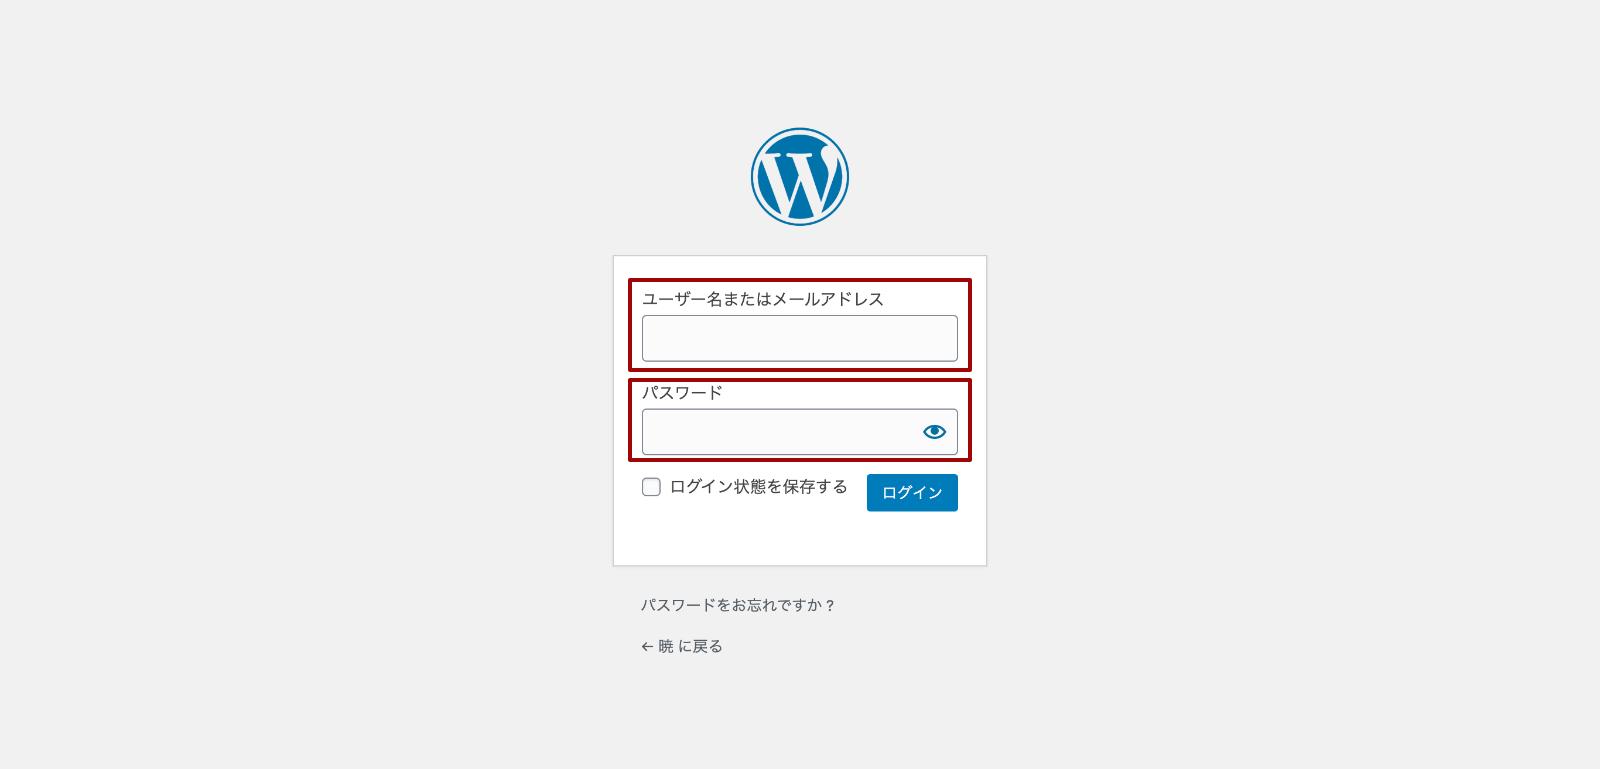 WordPressのログインページにユーザー名またはメールアドレス、パスワードを入力する